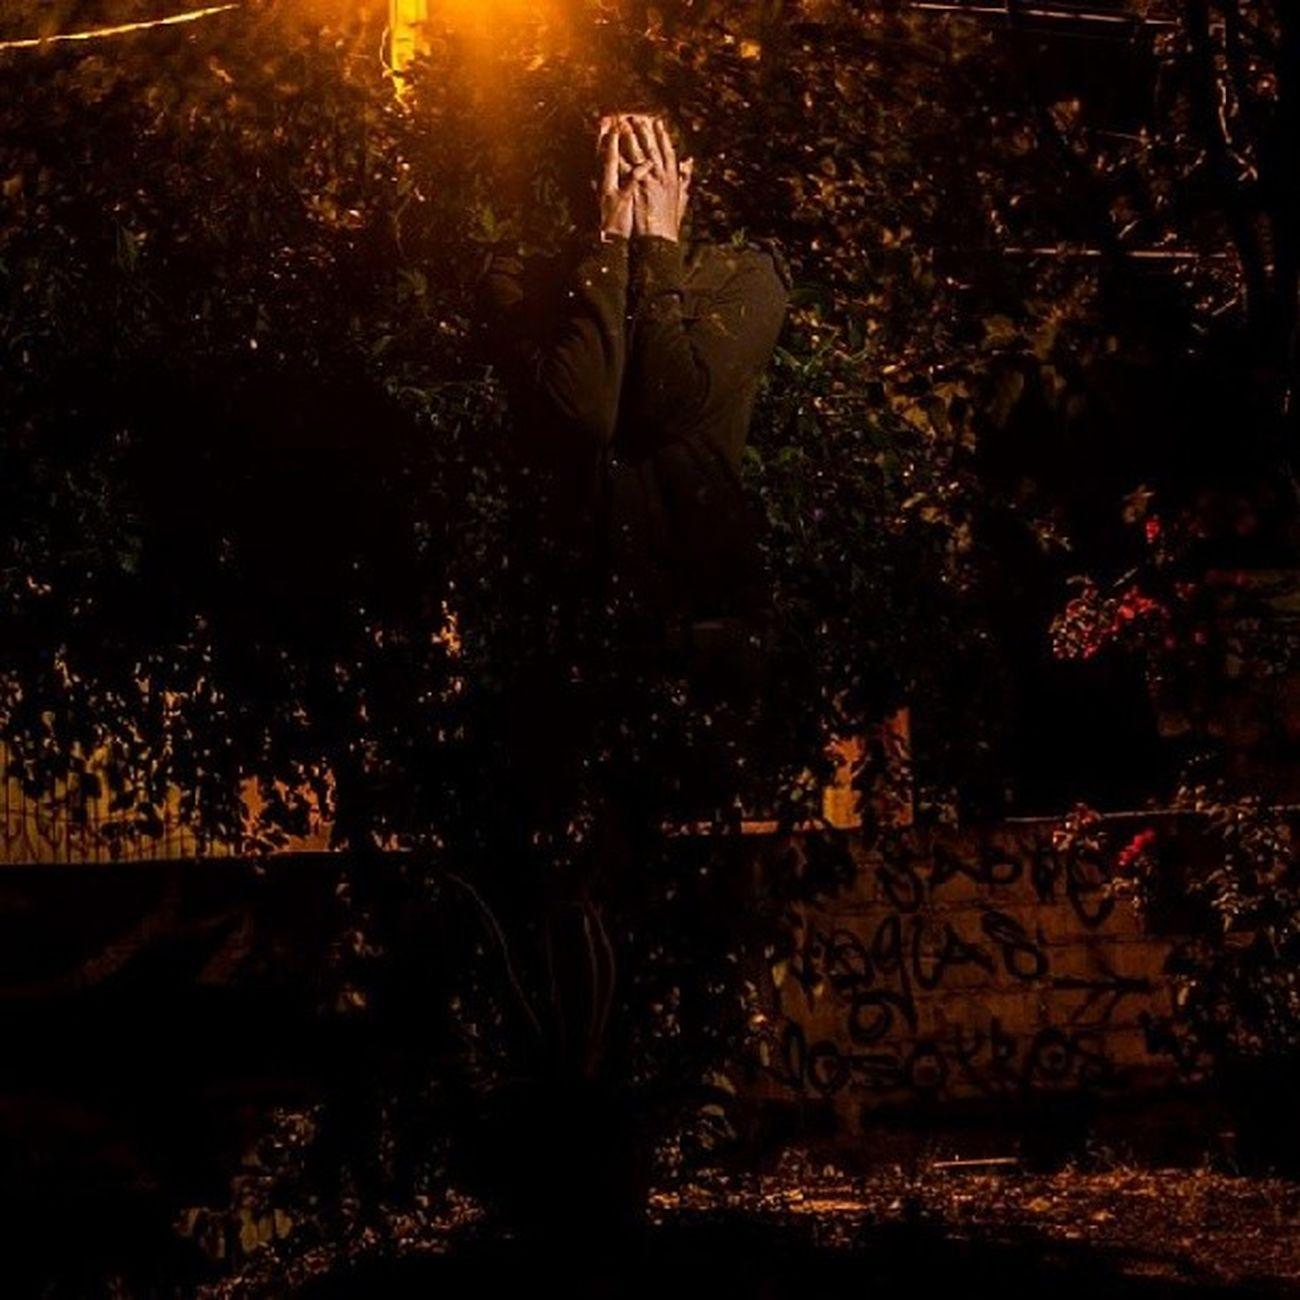 95/365 Ahfotografia 365project ByAlexHernández MyArt